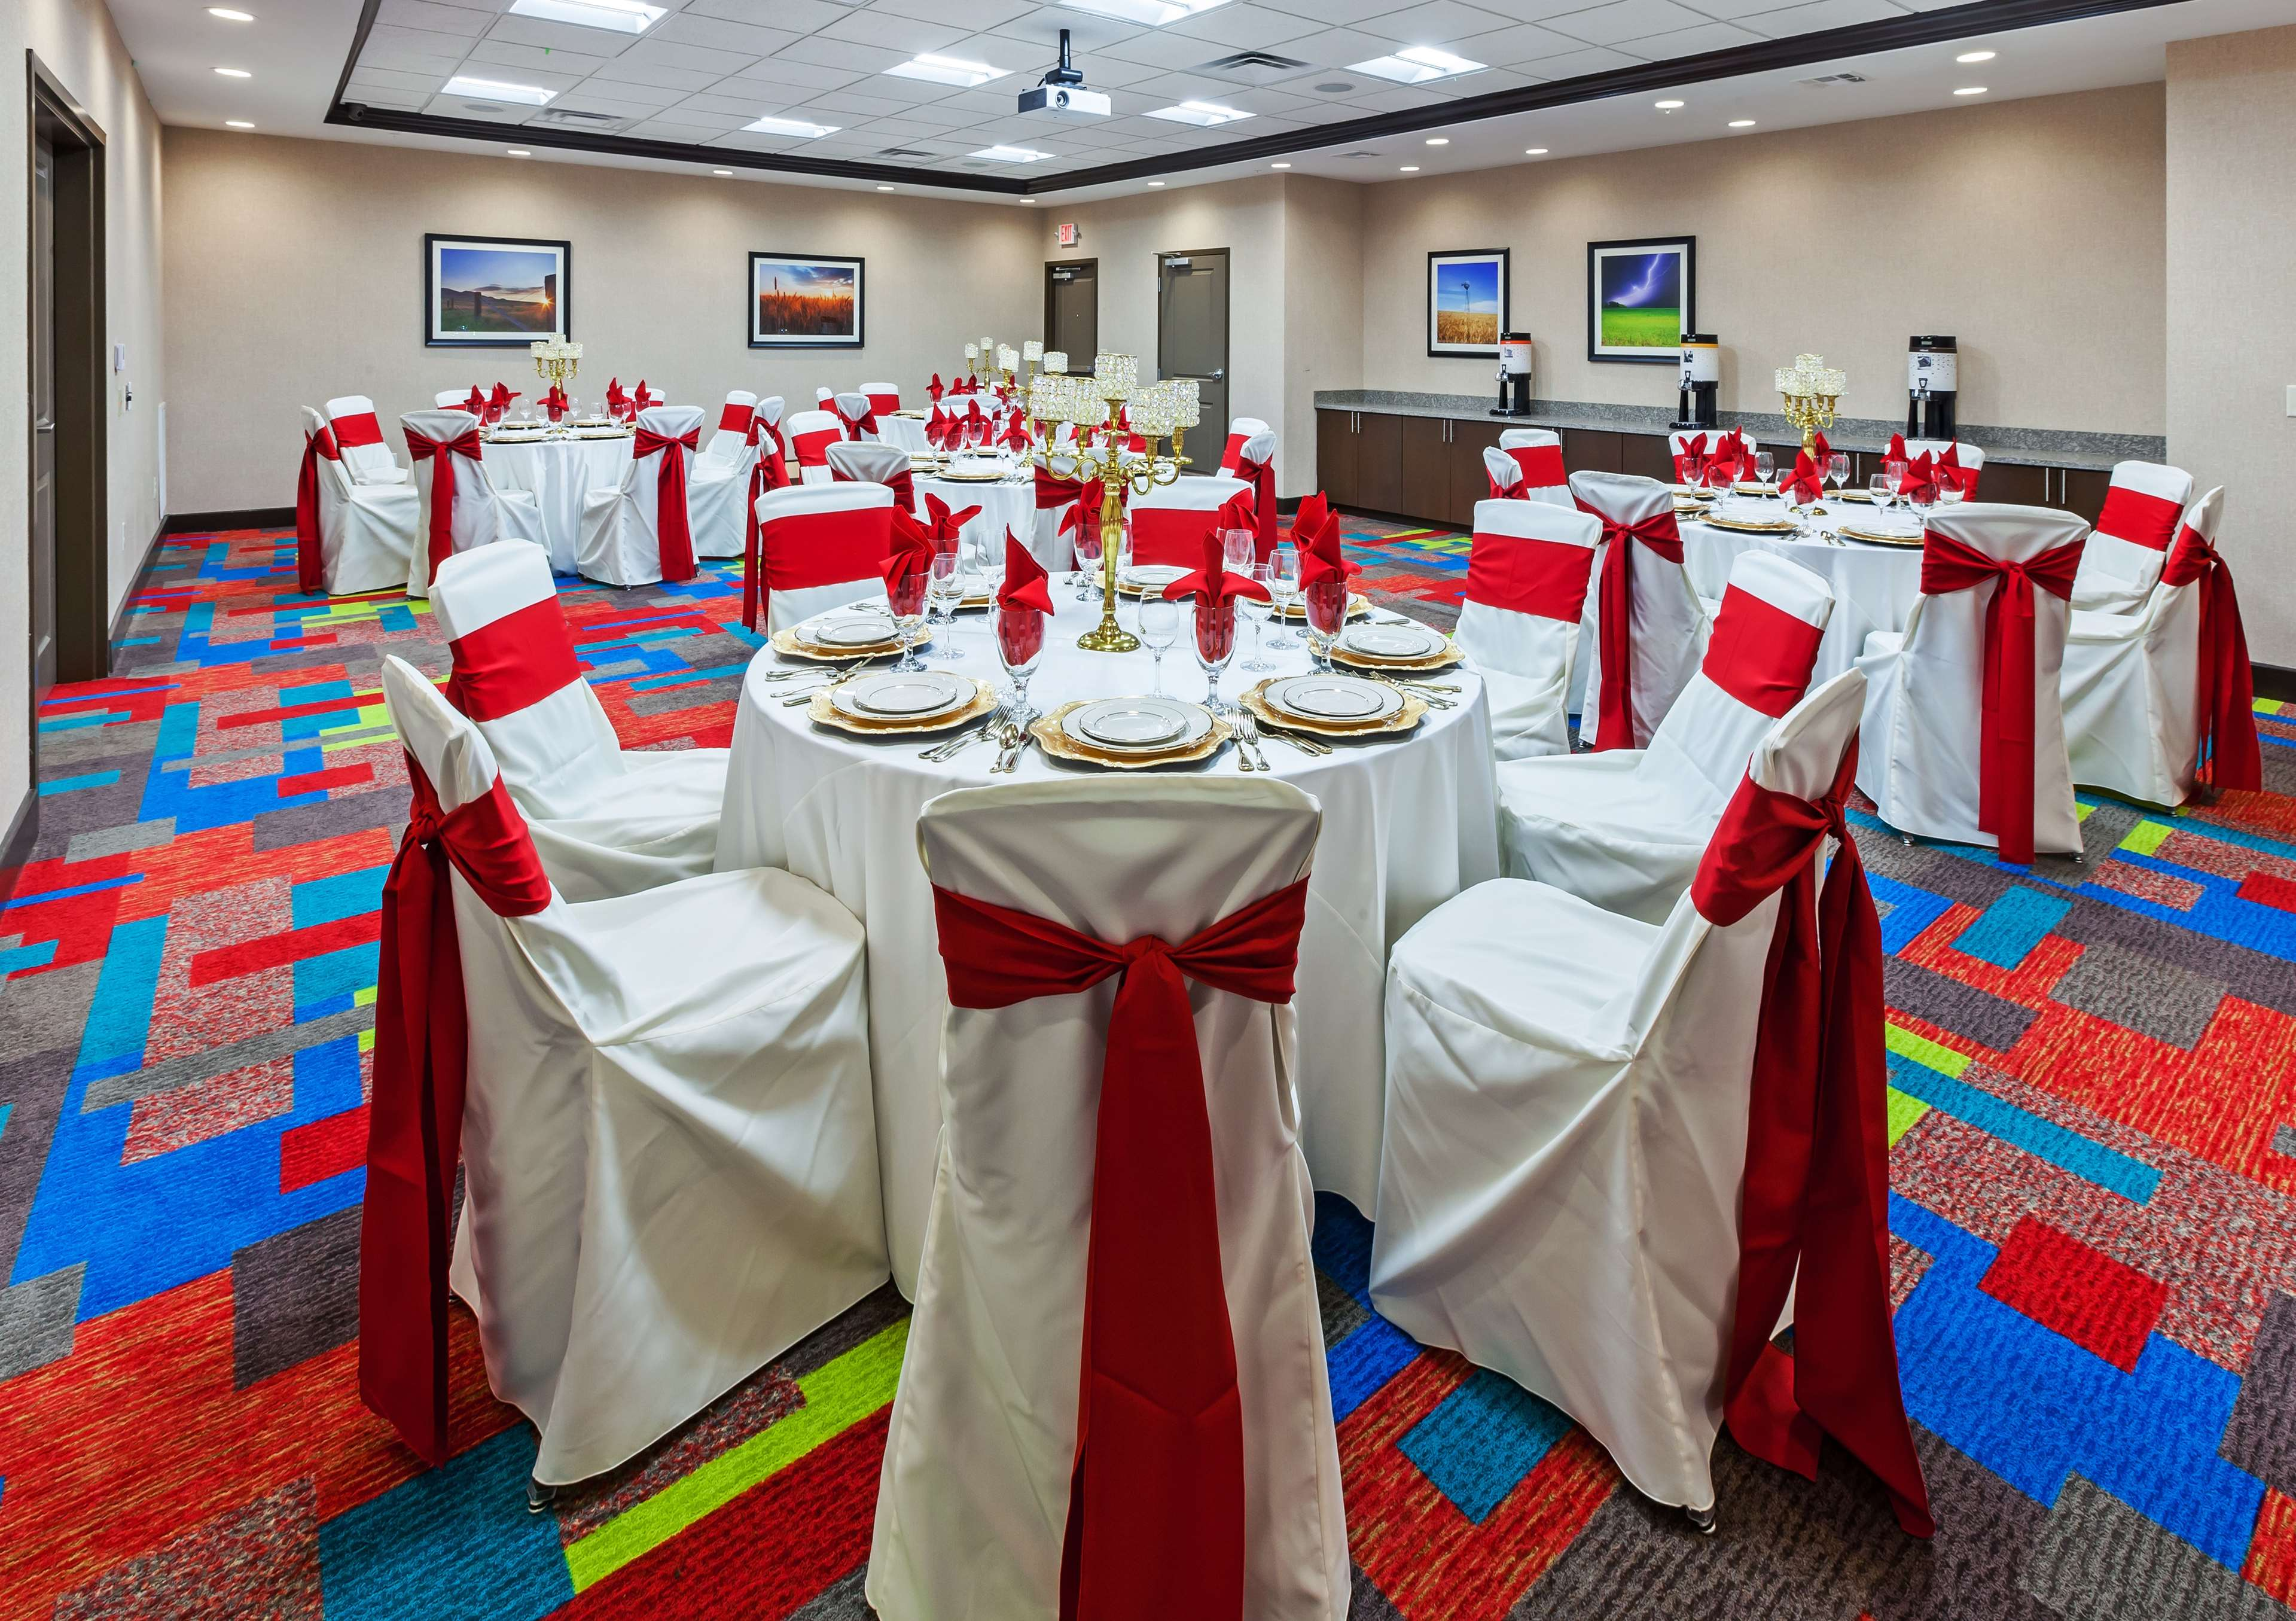 Hampton Inn & Suites Claremore image 34